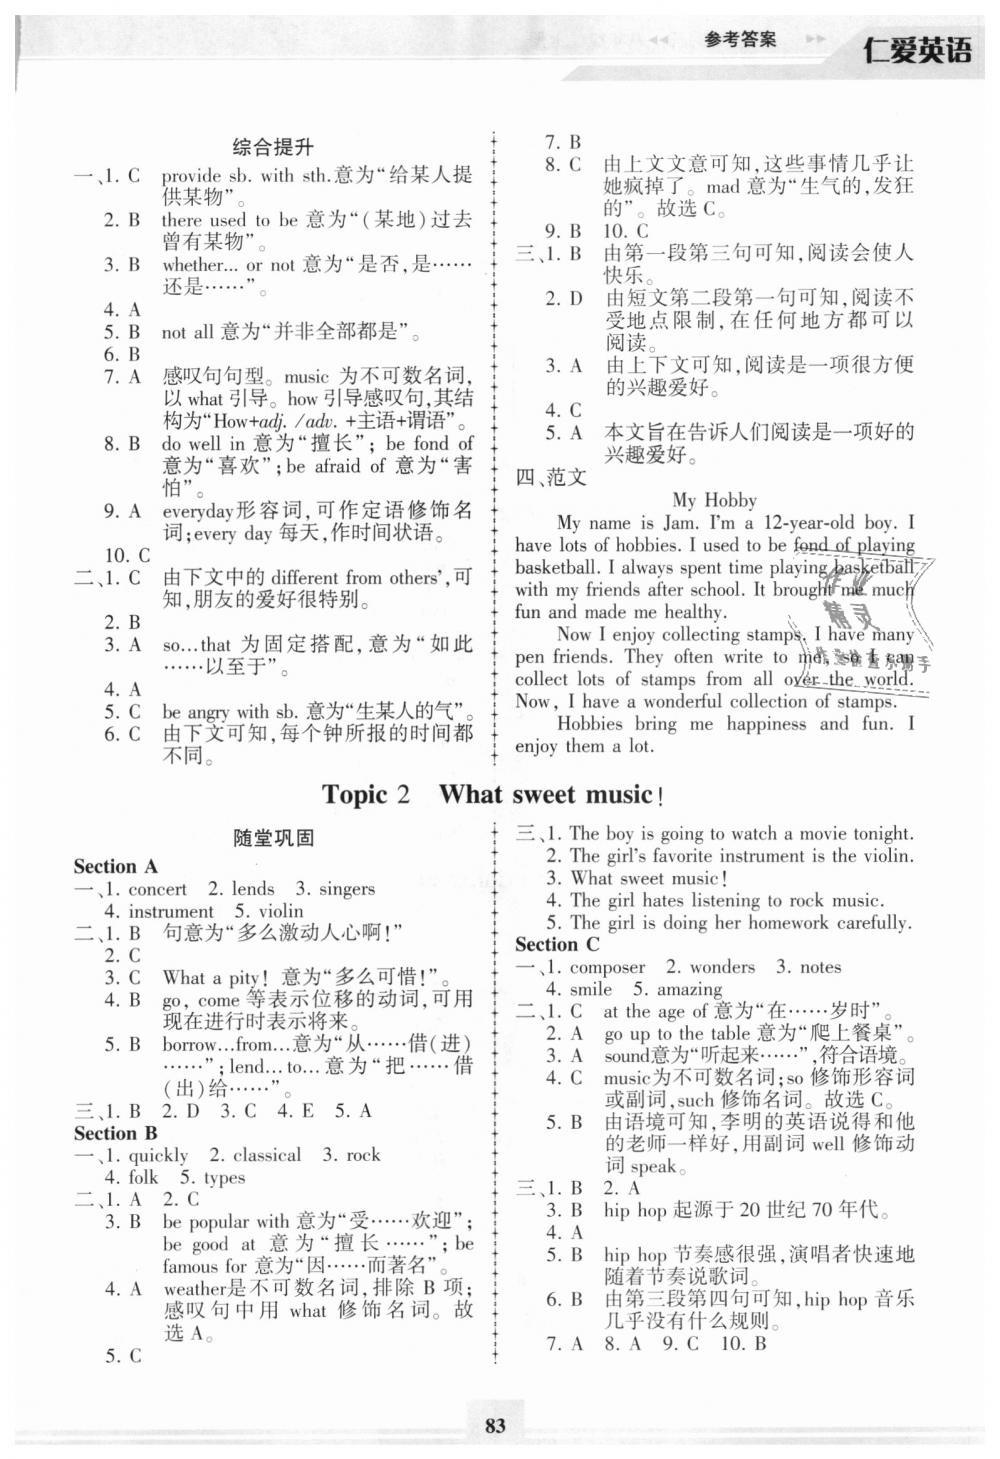 2018年仁爱英语同步练习册八年级上册仁爱版第10页